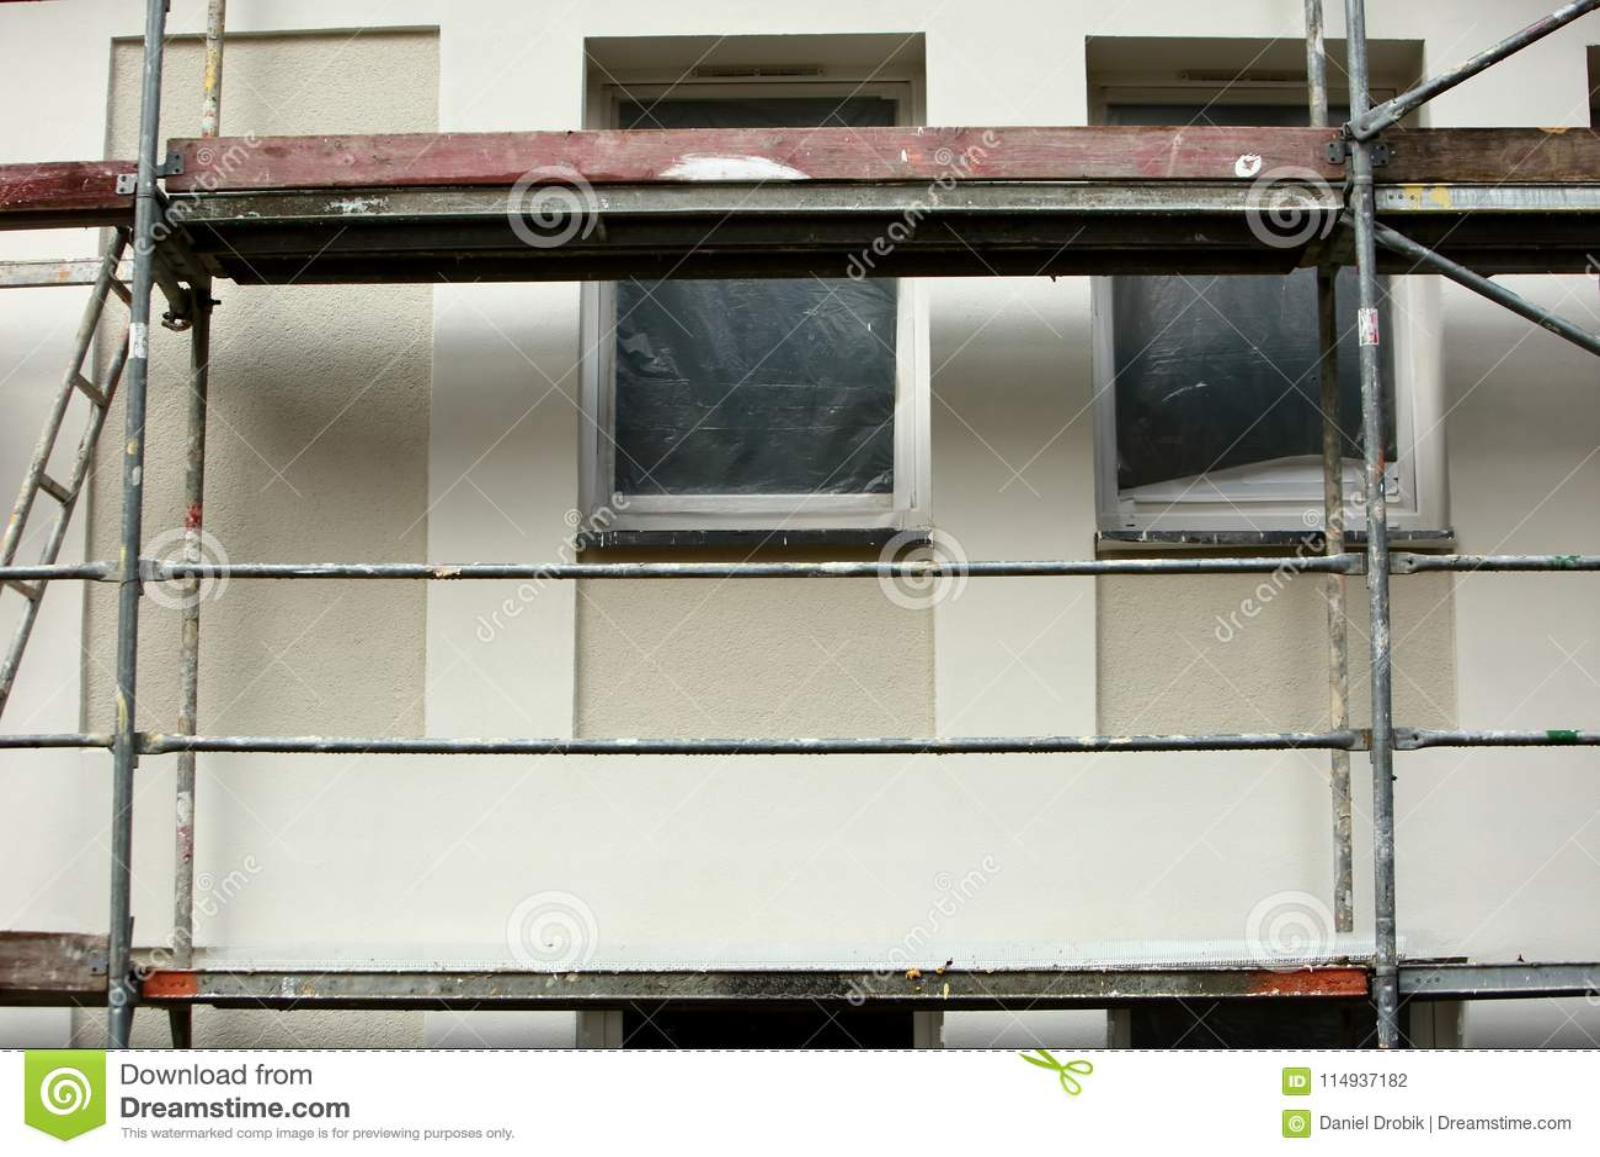 用于façade改造工程的钢脚手架